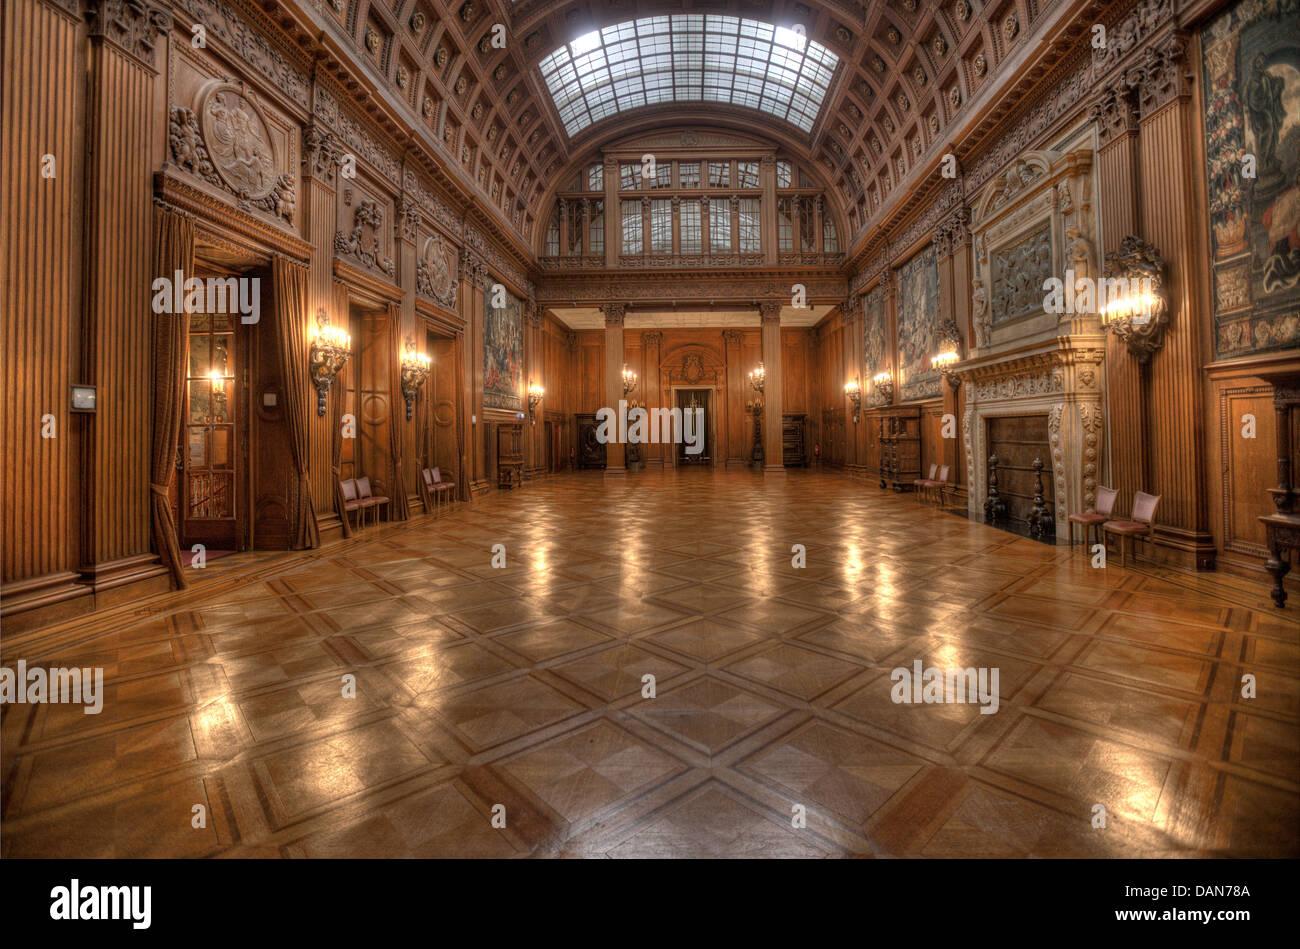 The Upper Hall in the Villa Hügel of Essen - Stock Image